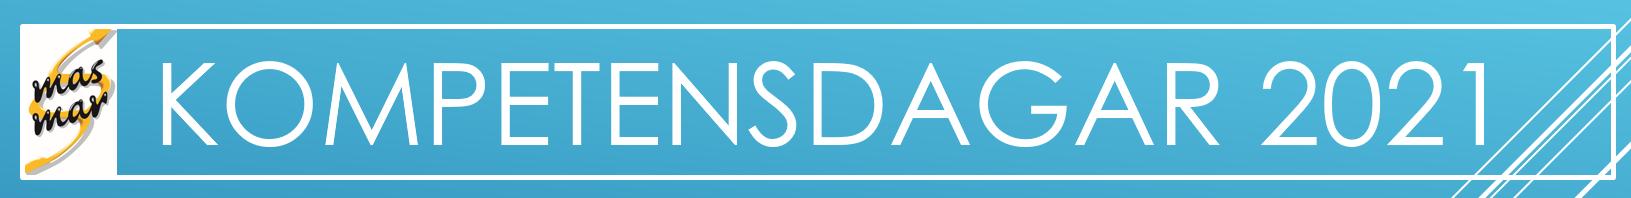 Huvudbild för Kompetensdagar för MAS/MAR